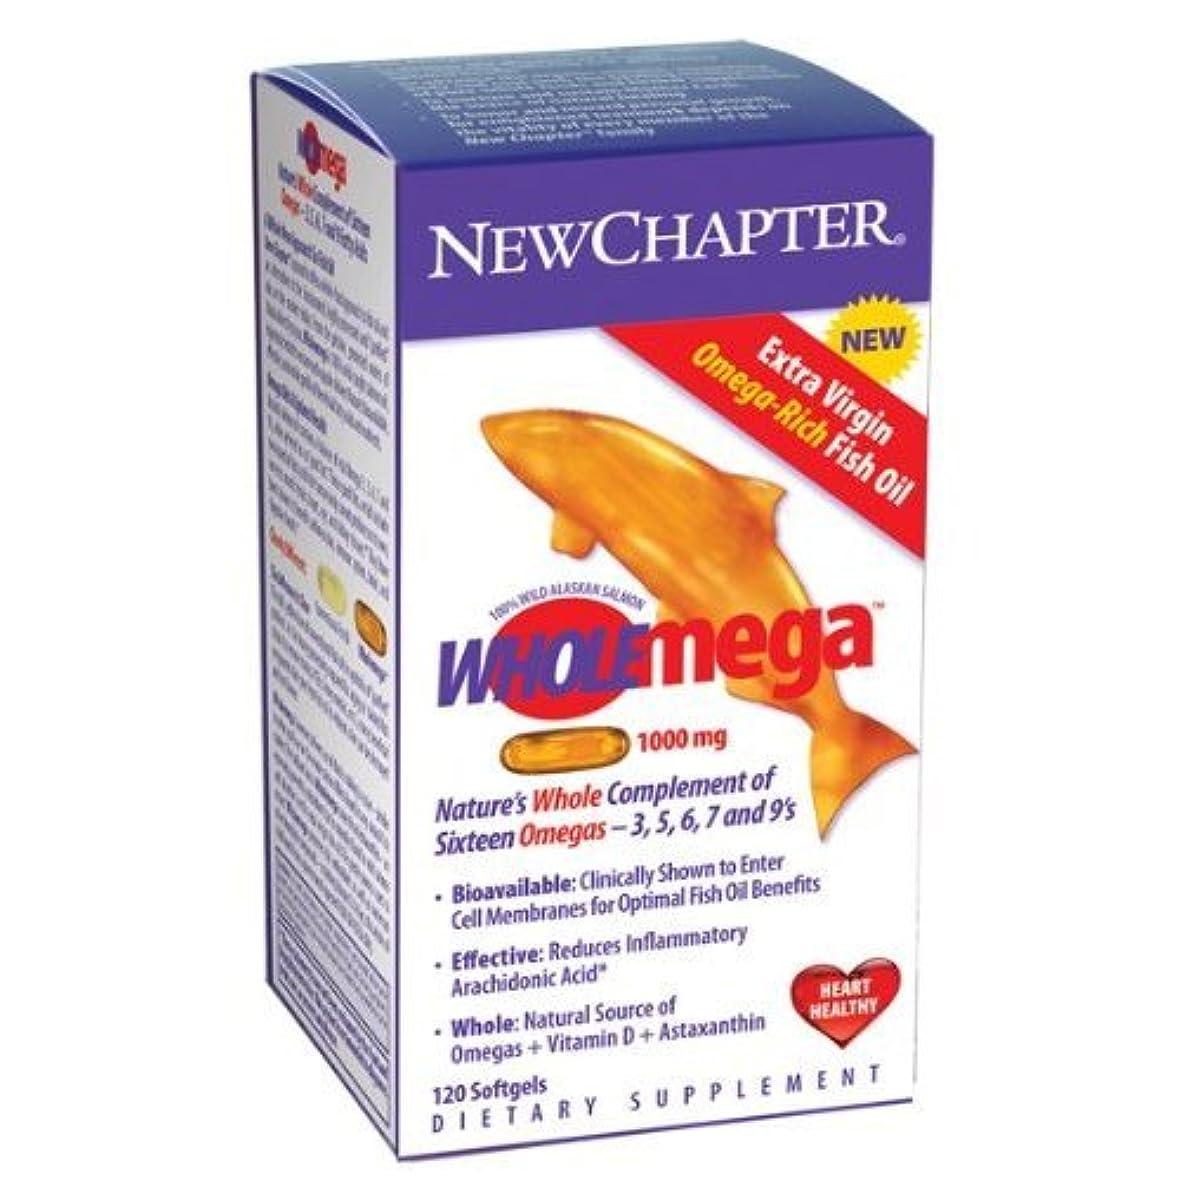 アルネタヒチ音声学New Chapter - Wholemega 1,000 mg 120 softgels by New Chapter